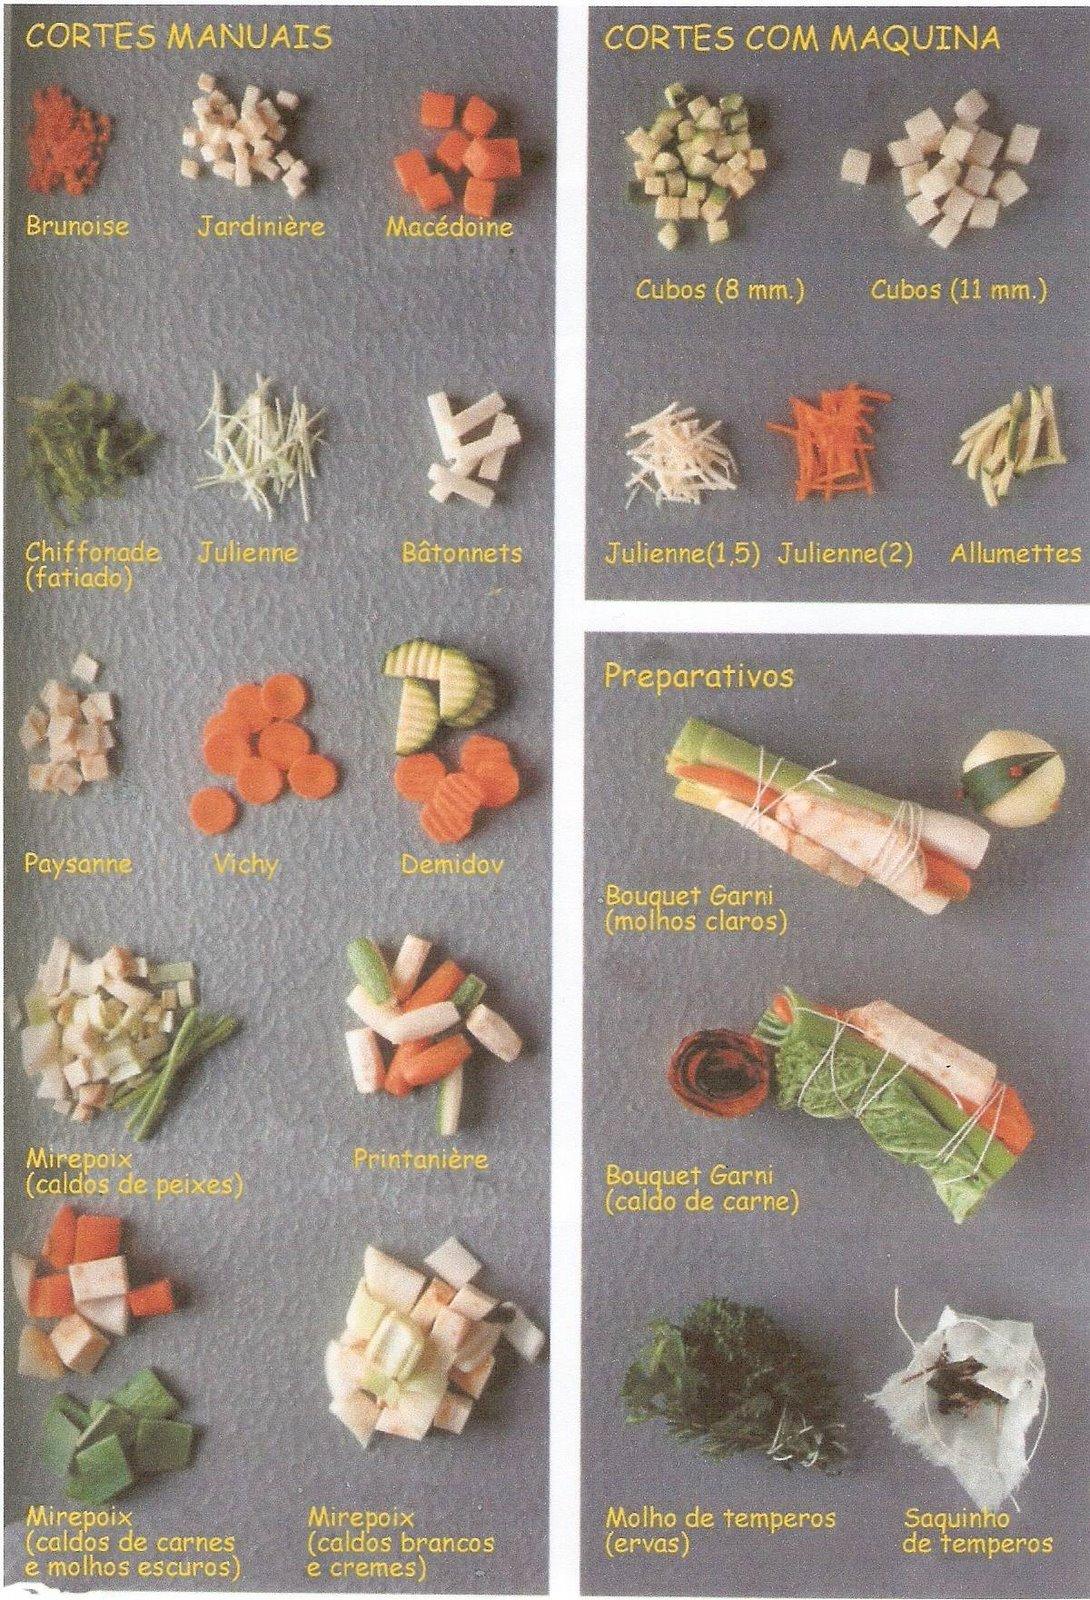 Mundo cozinha tipos de corte de legumes for Cortes de verduras gastronomia pdf